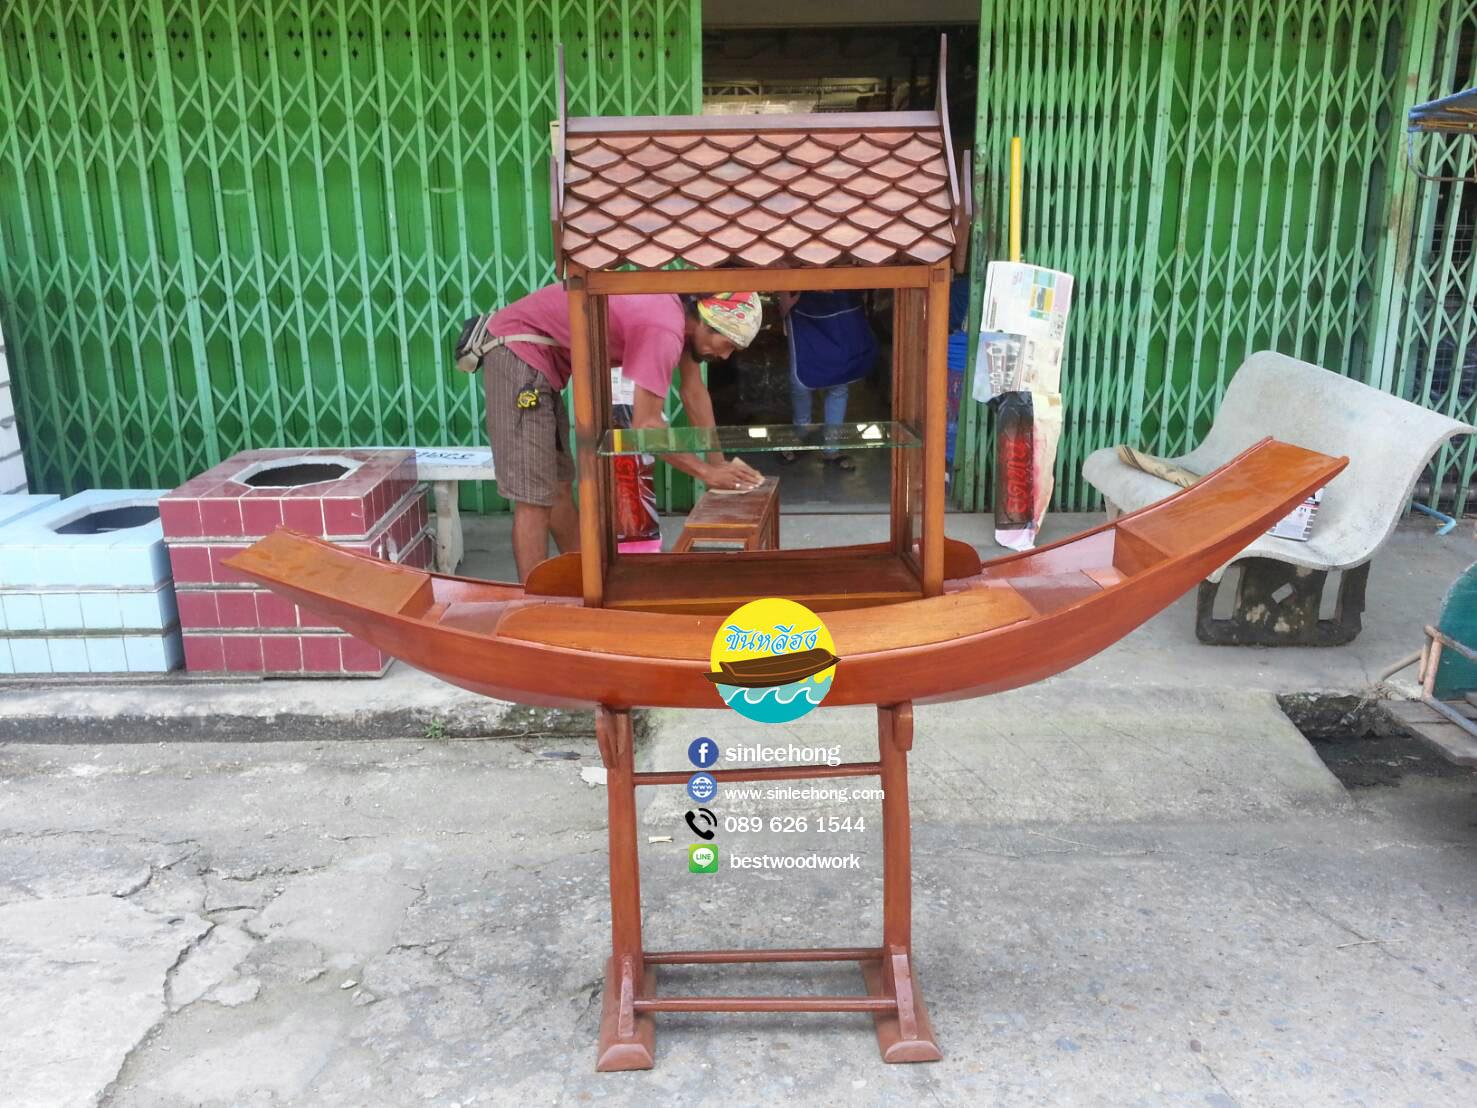 เรือไม้สัก ทรงไทย โบราณ ยาว 150 ซม (ส่งทั่วประเทศ) พร้อมตู้ทรงไทย